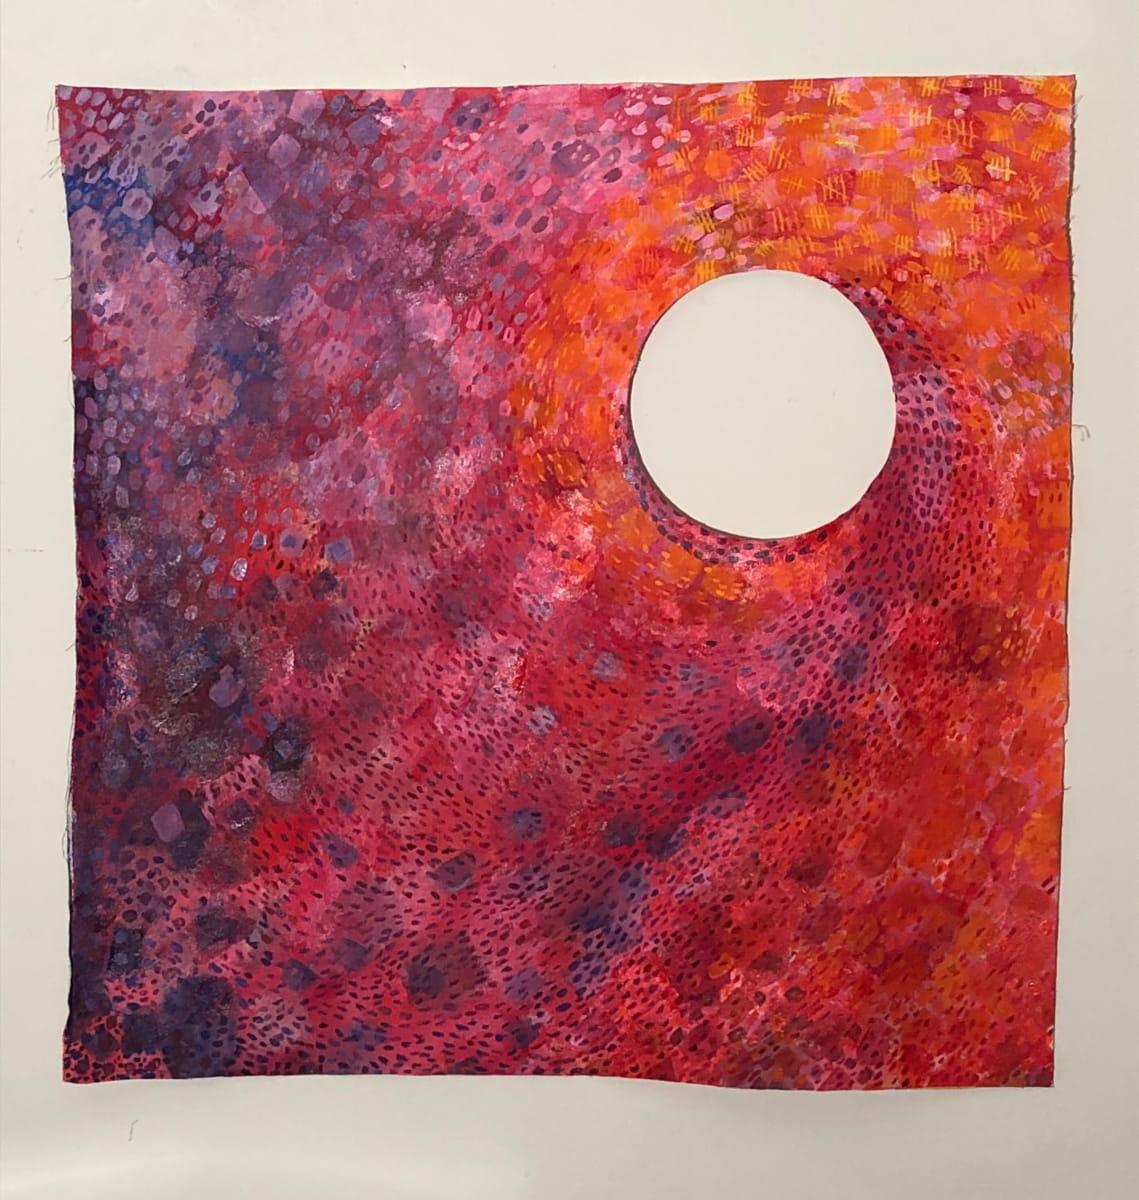 Orange to. Purple COVID color Tiers/Tears by LR (Lynne-Rachel) Altman